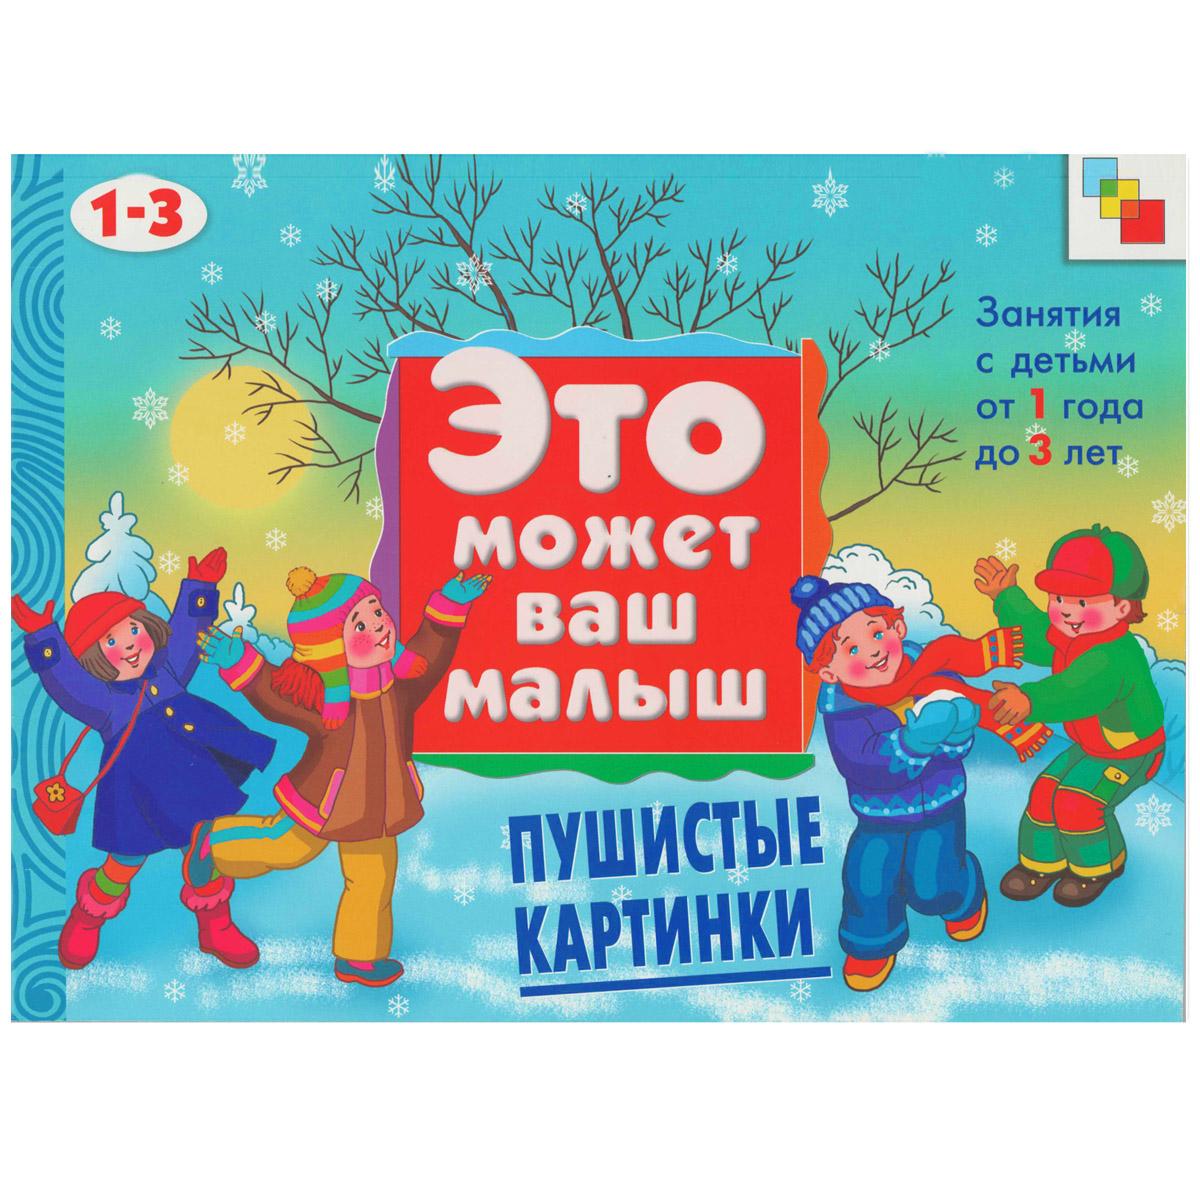 Художественный альбом для занятий с детьми 1-3 лет. Это может ваш малыш Пушистые картинки<br>